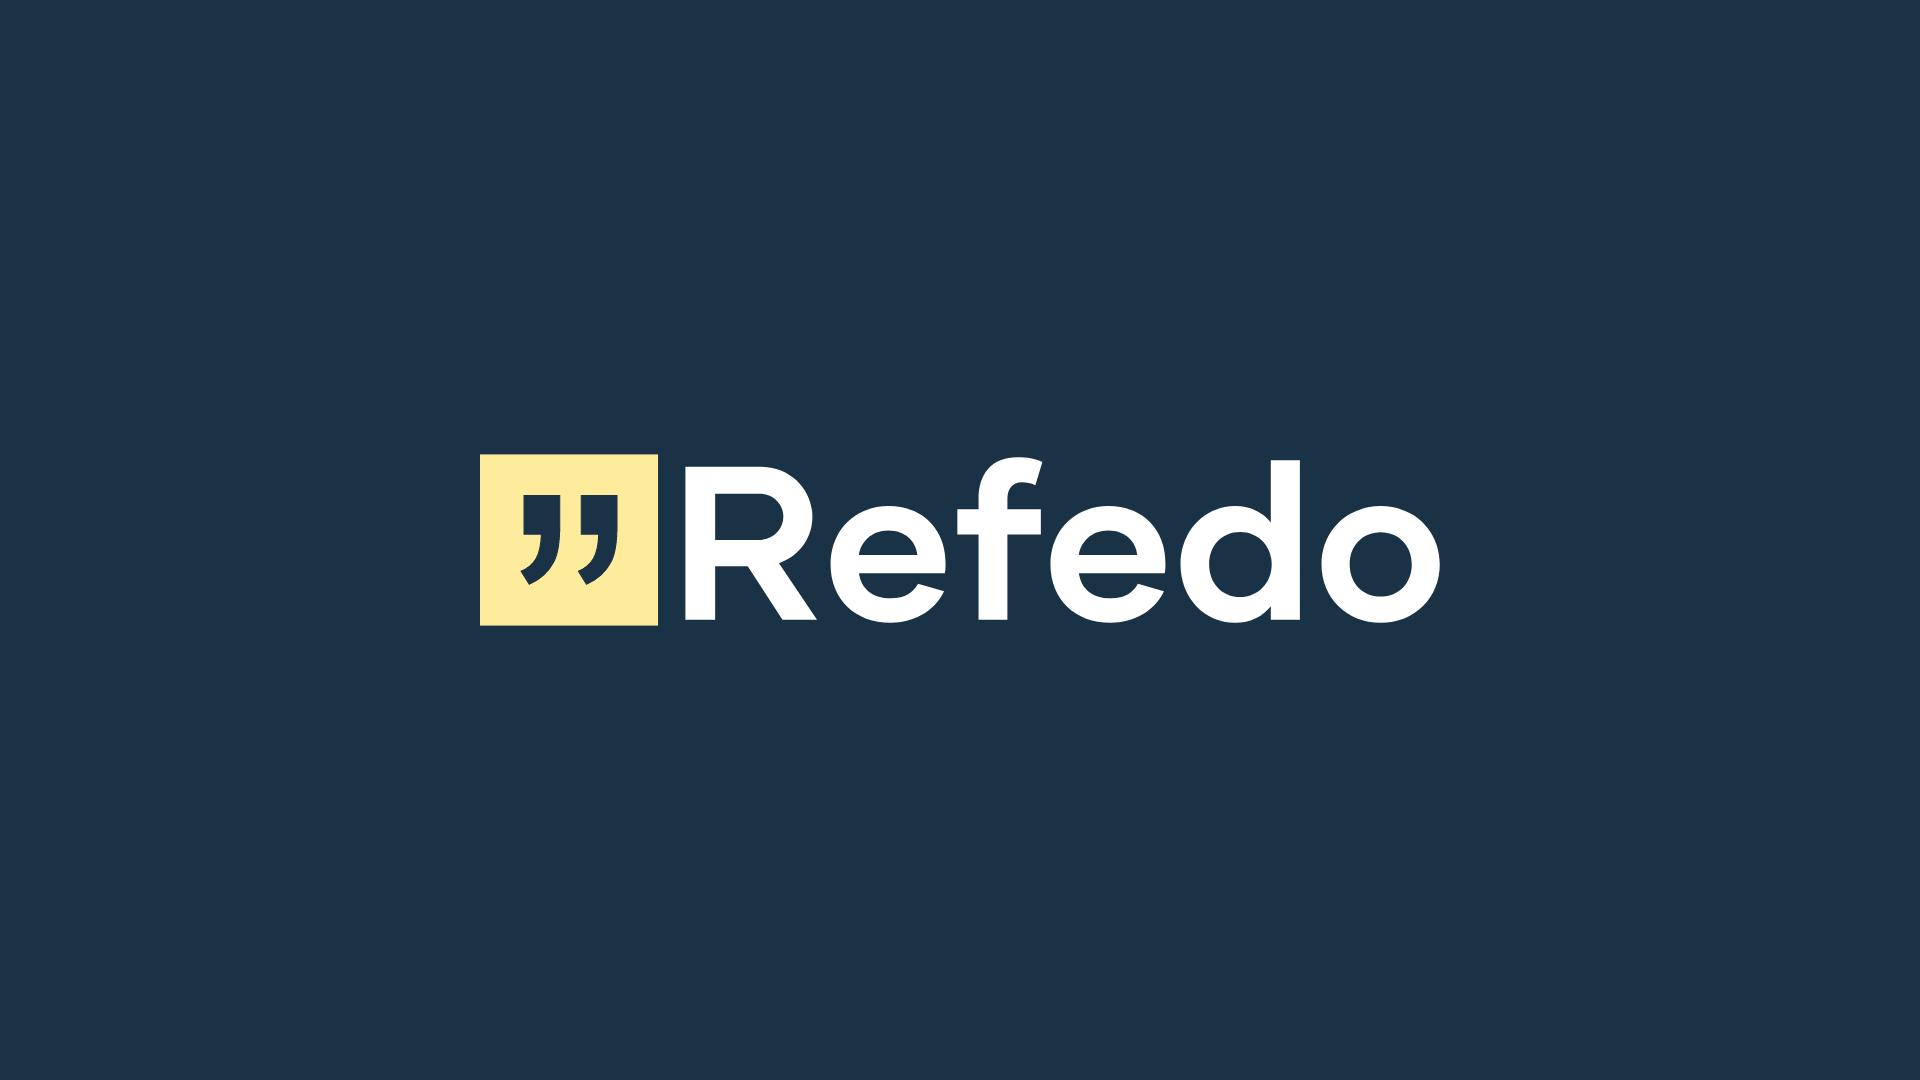 Refedo Oy logo